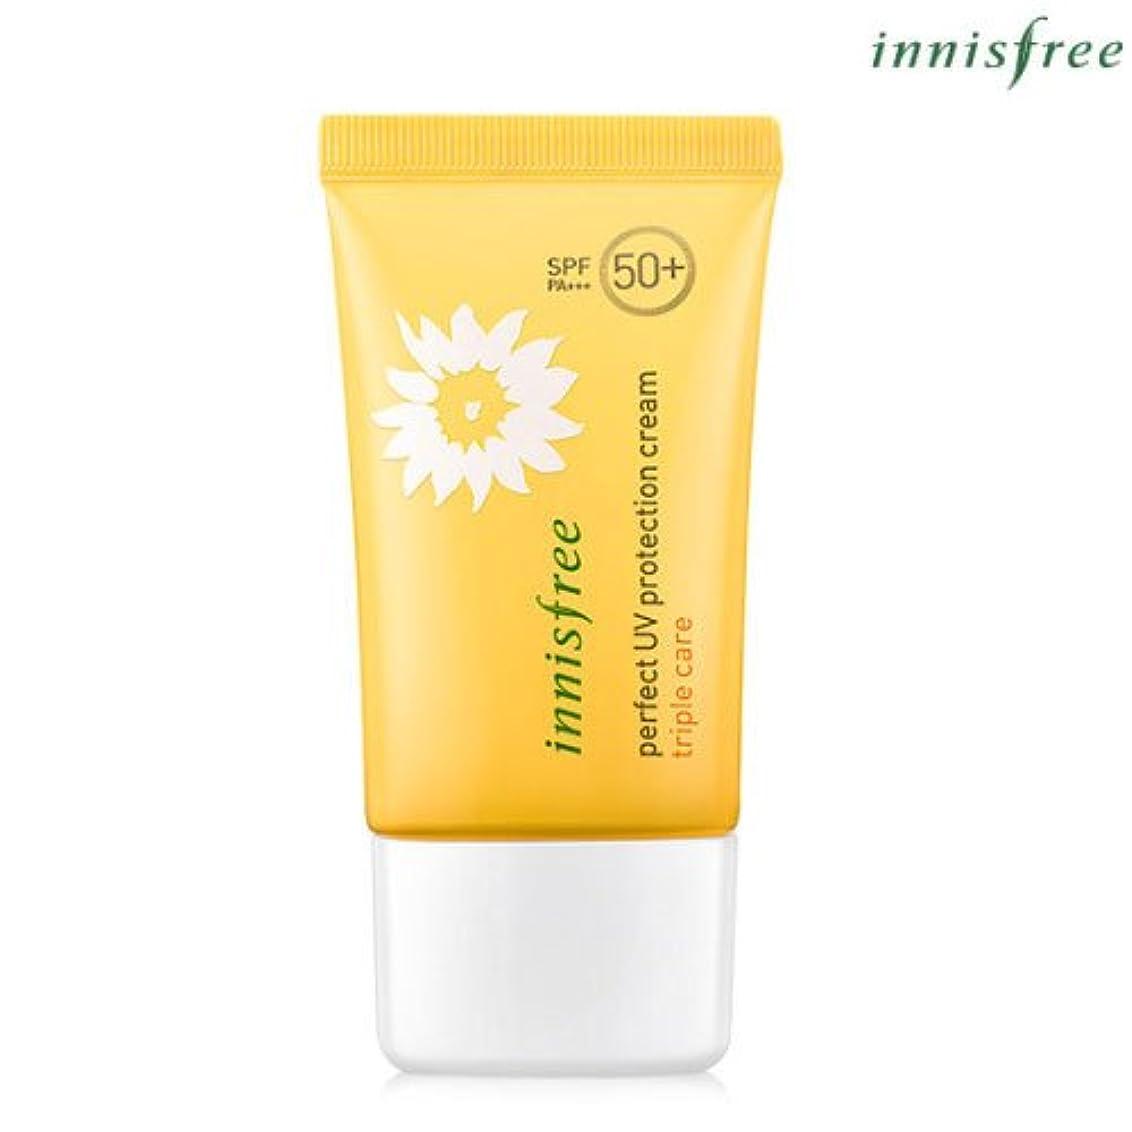 でも人質火山学者[INNISFREE]イニスフリーパーフェクトUV プロテクション クリームトリプルケアSPF50+ PA+++ 50mL perfect UV protection cream triple care SPF50+ PA...